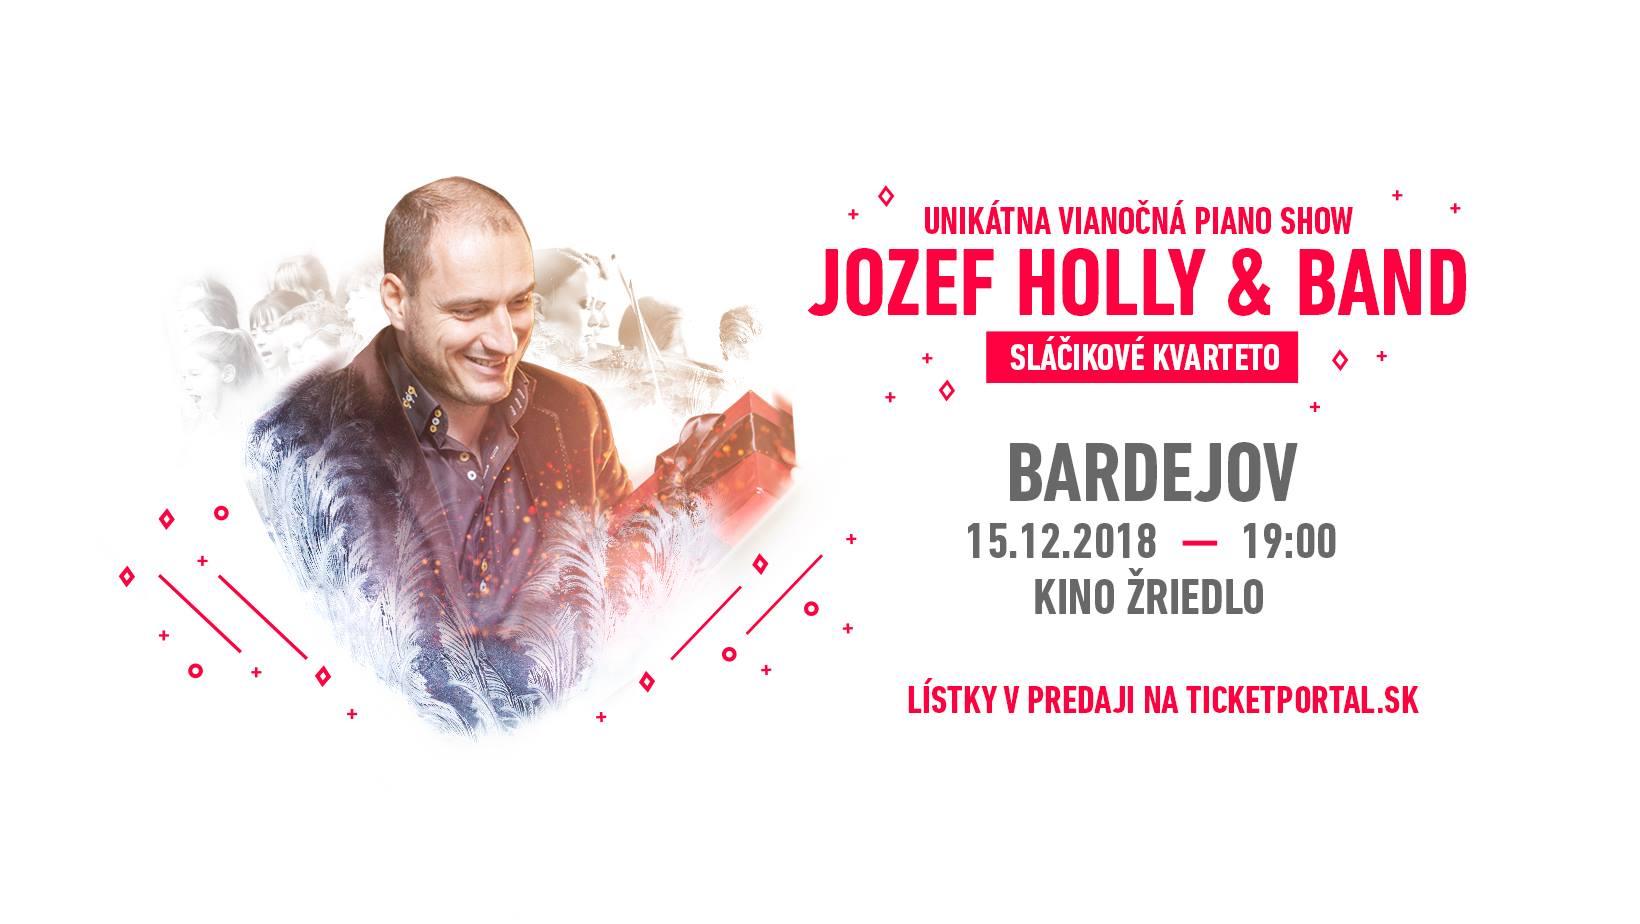 Unikátna vianočná piano show J. Hollého a skupiny. Už čoskoro v Bardejove!